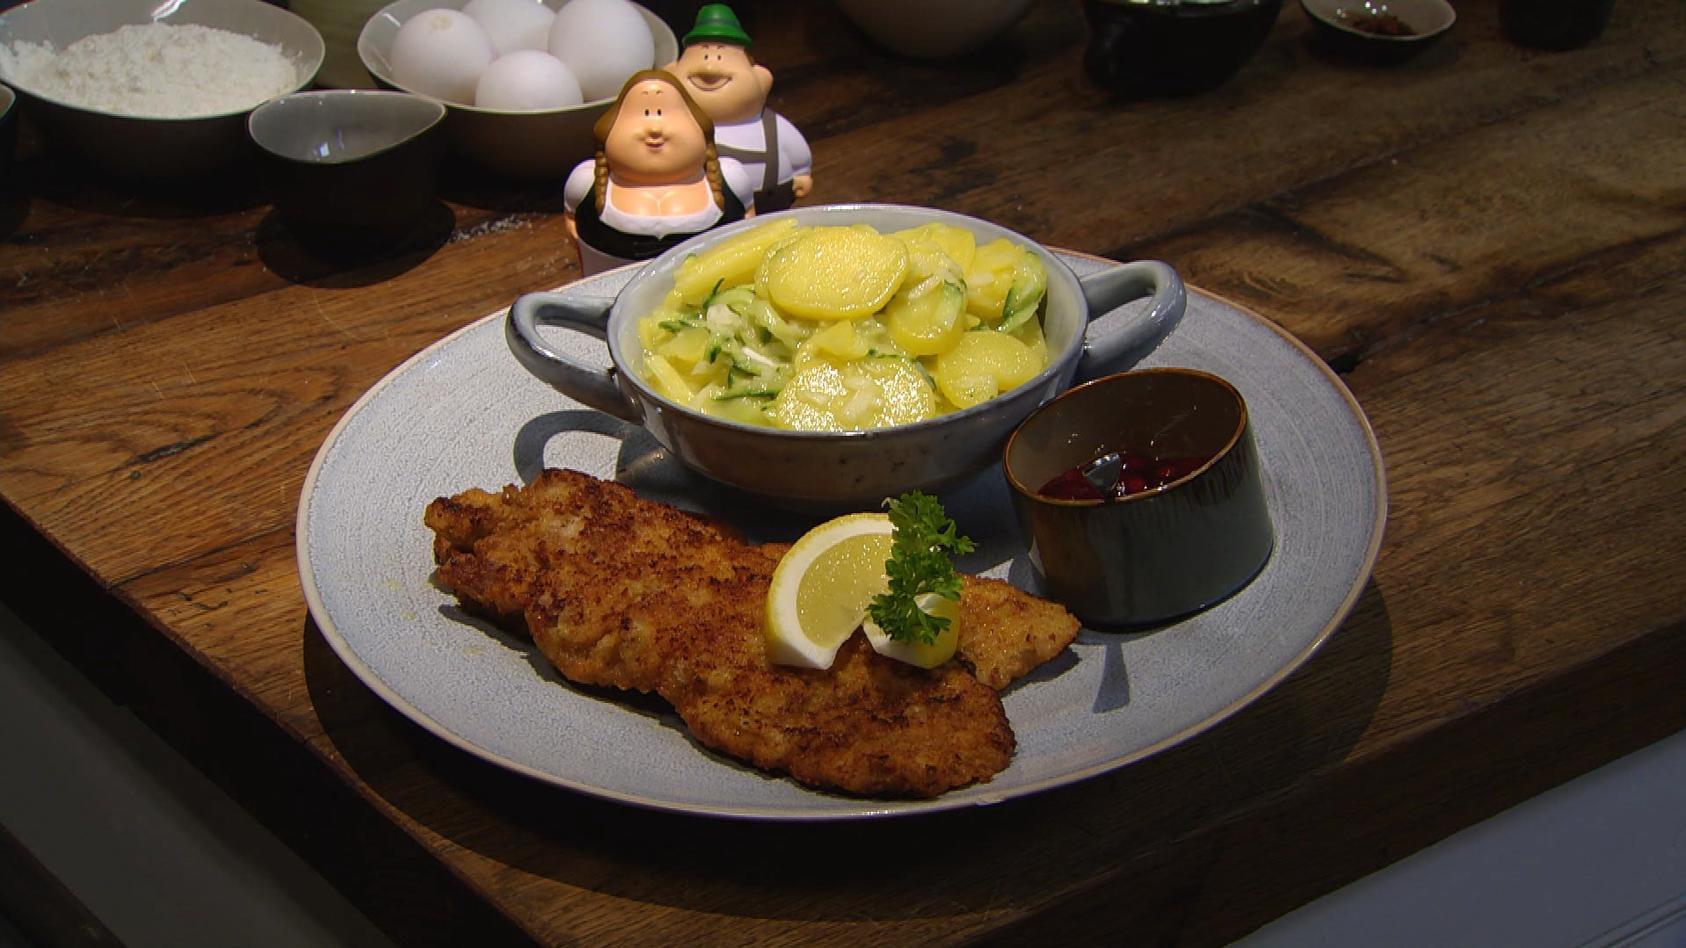 Ab in den Urlaub! Kulinarische Grüße aus Österreich: Wiener Schnitzel mit Kartoffelsalat